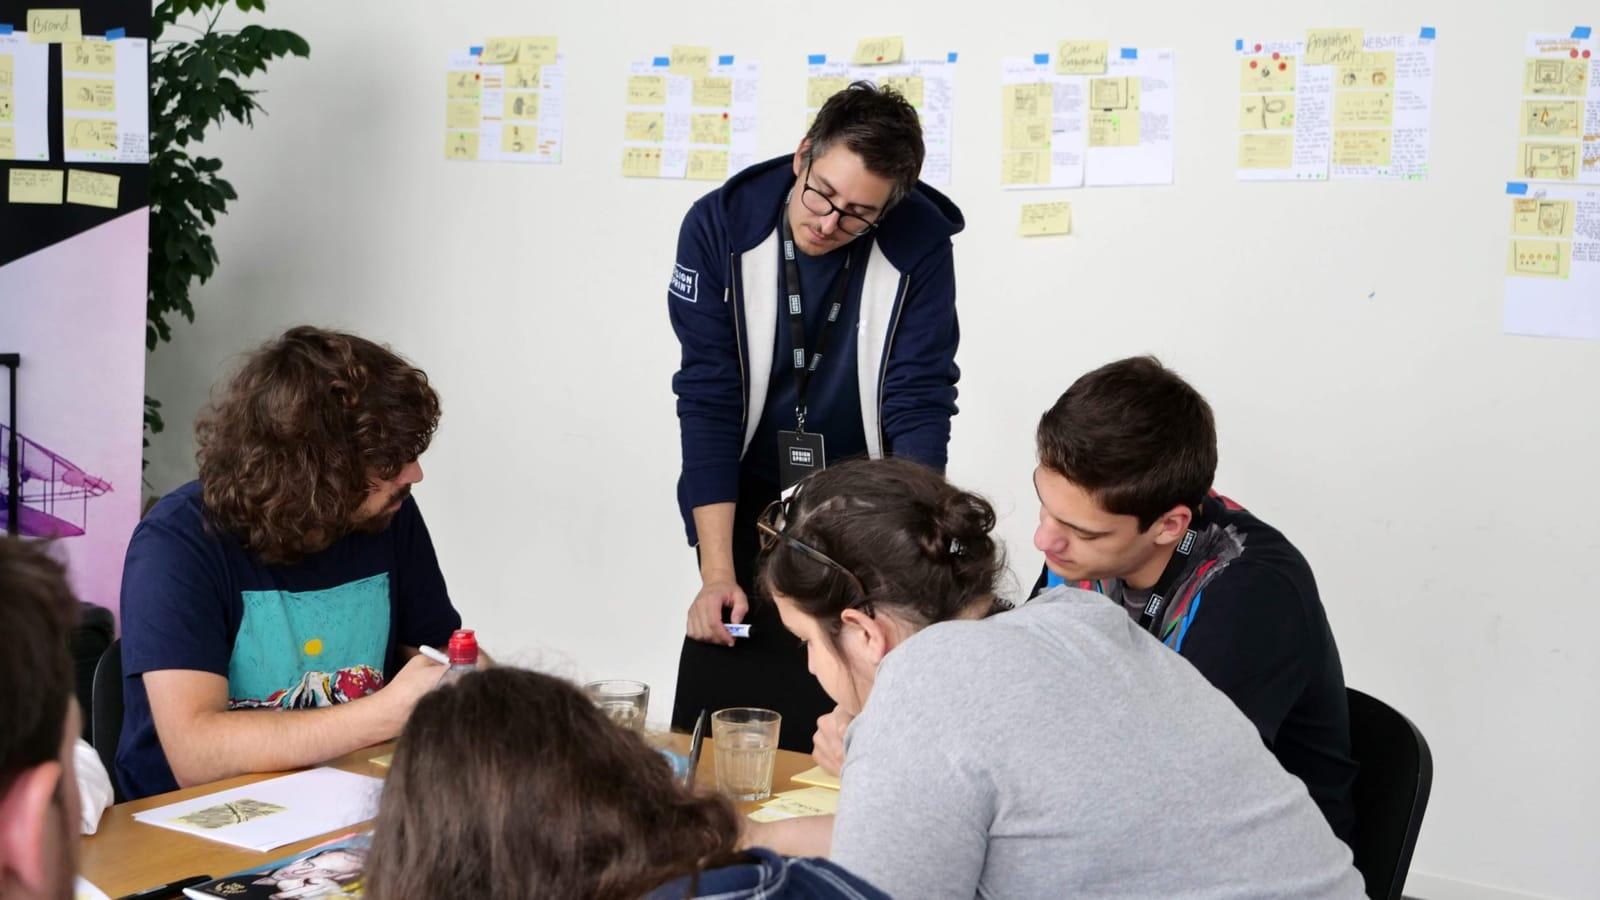 Design Sprint expert coaching